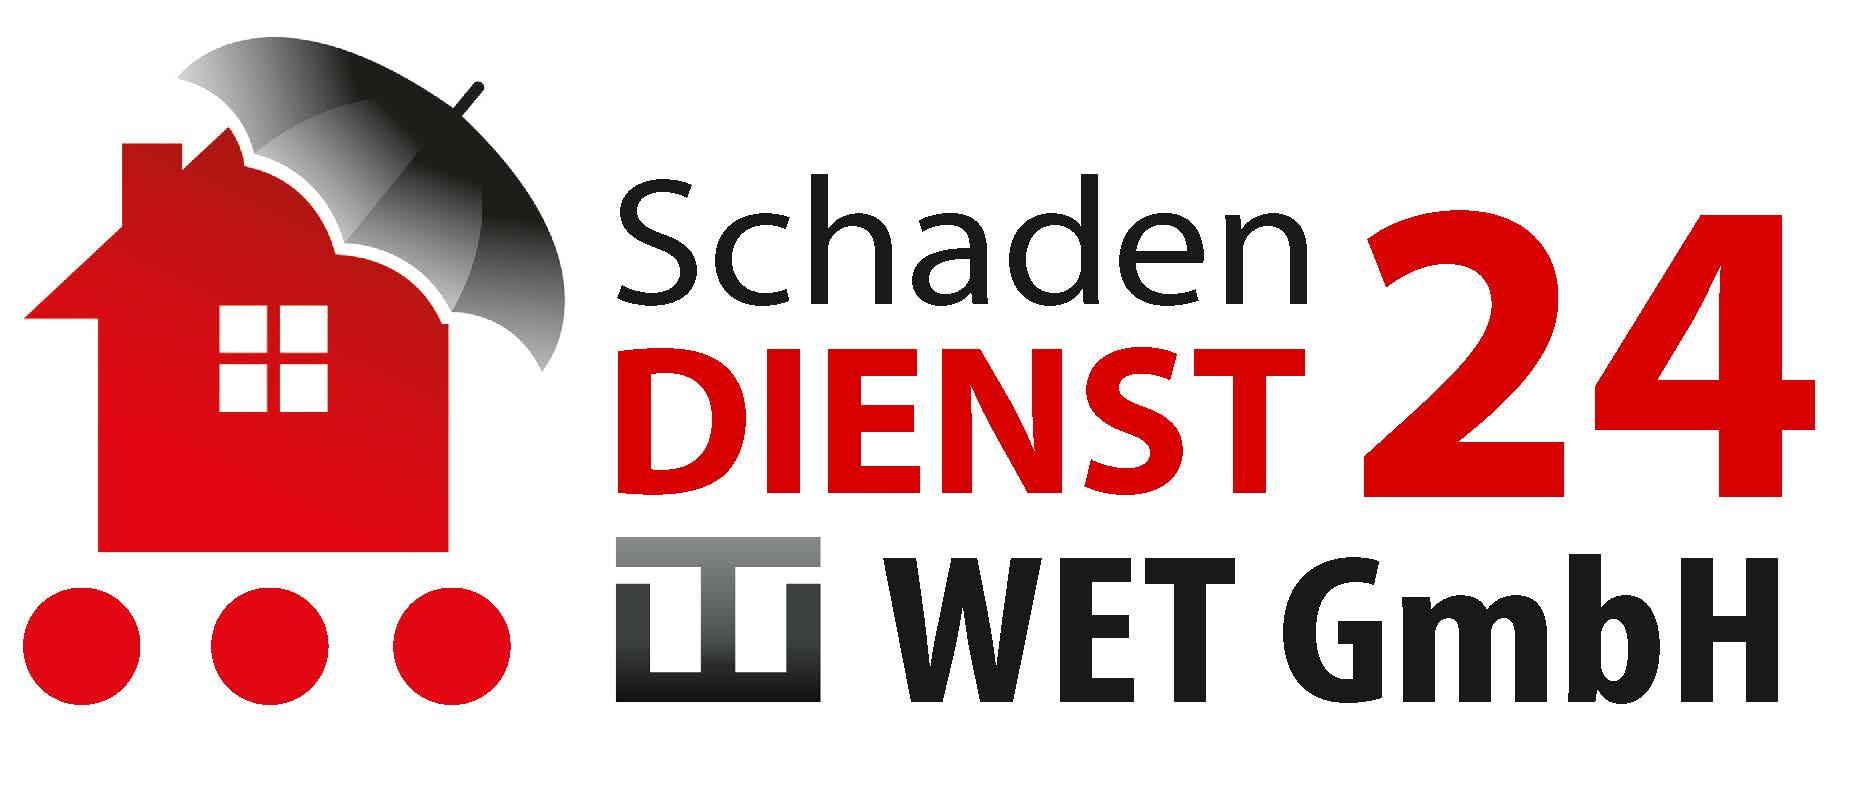 Schadendienst24 SD Wet Logo